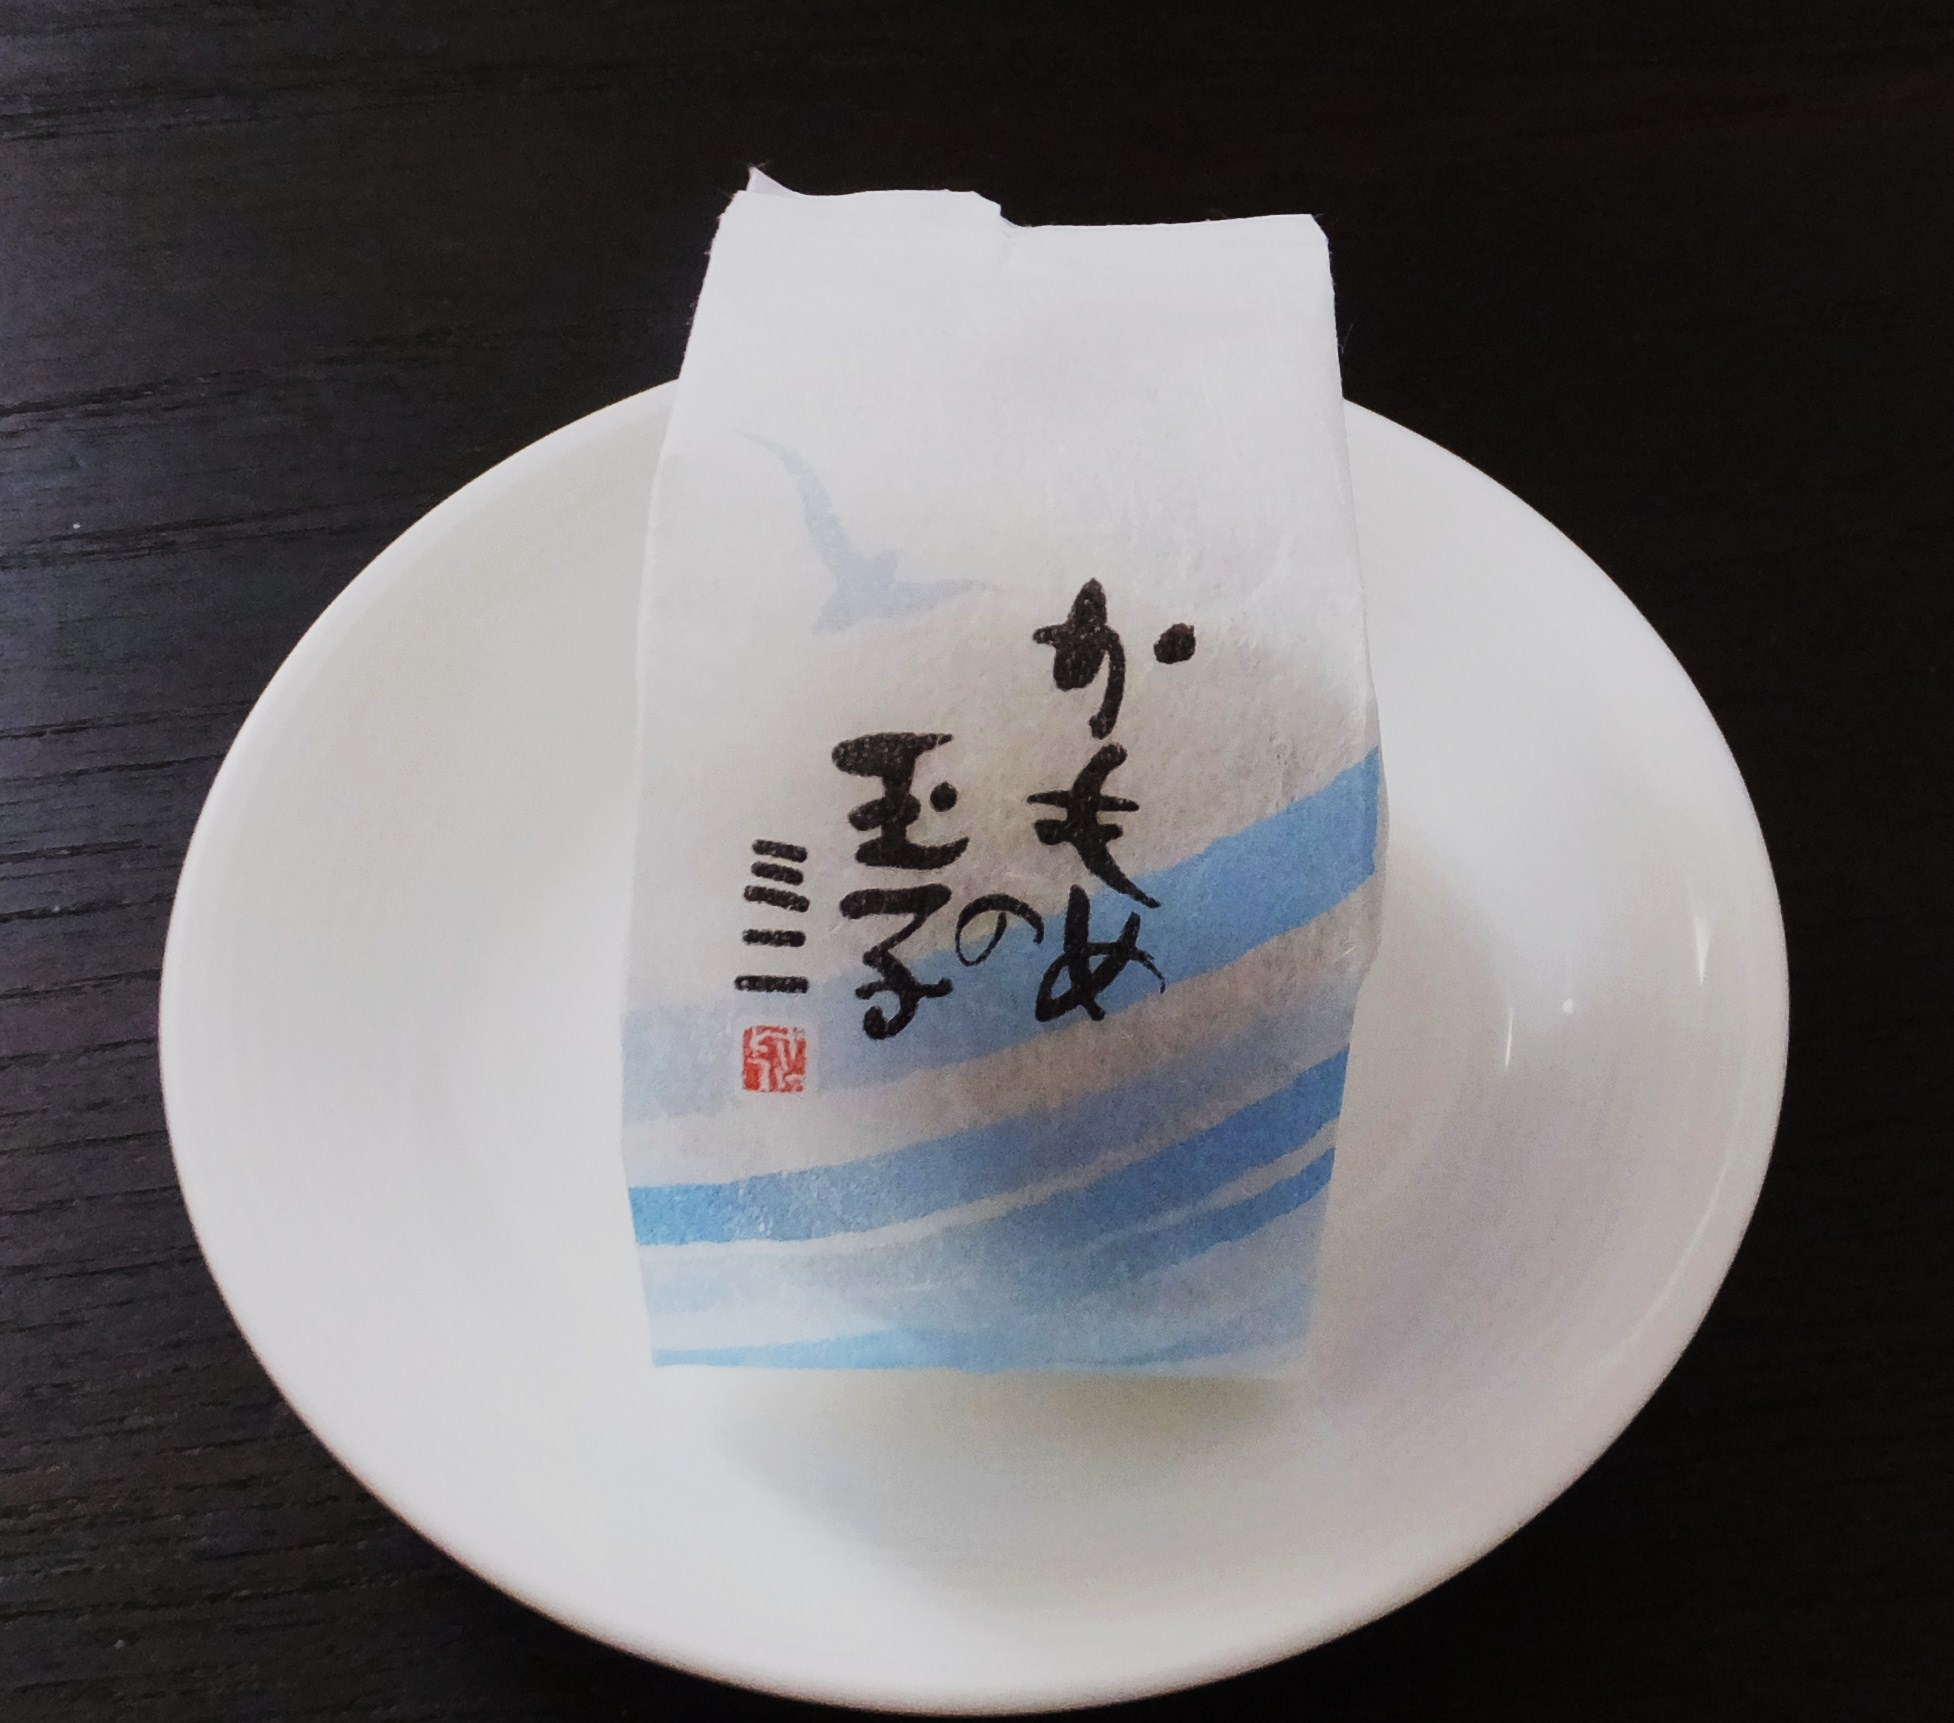 東北地方!可愛ぃ~和菓子(*^_^*)_a0161408_0225143.jpg